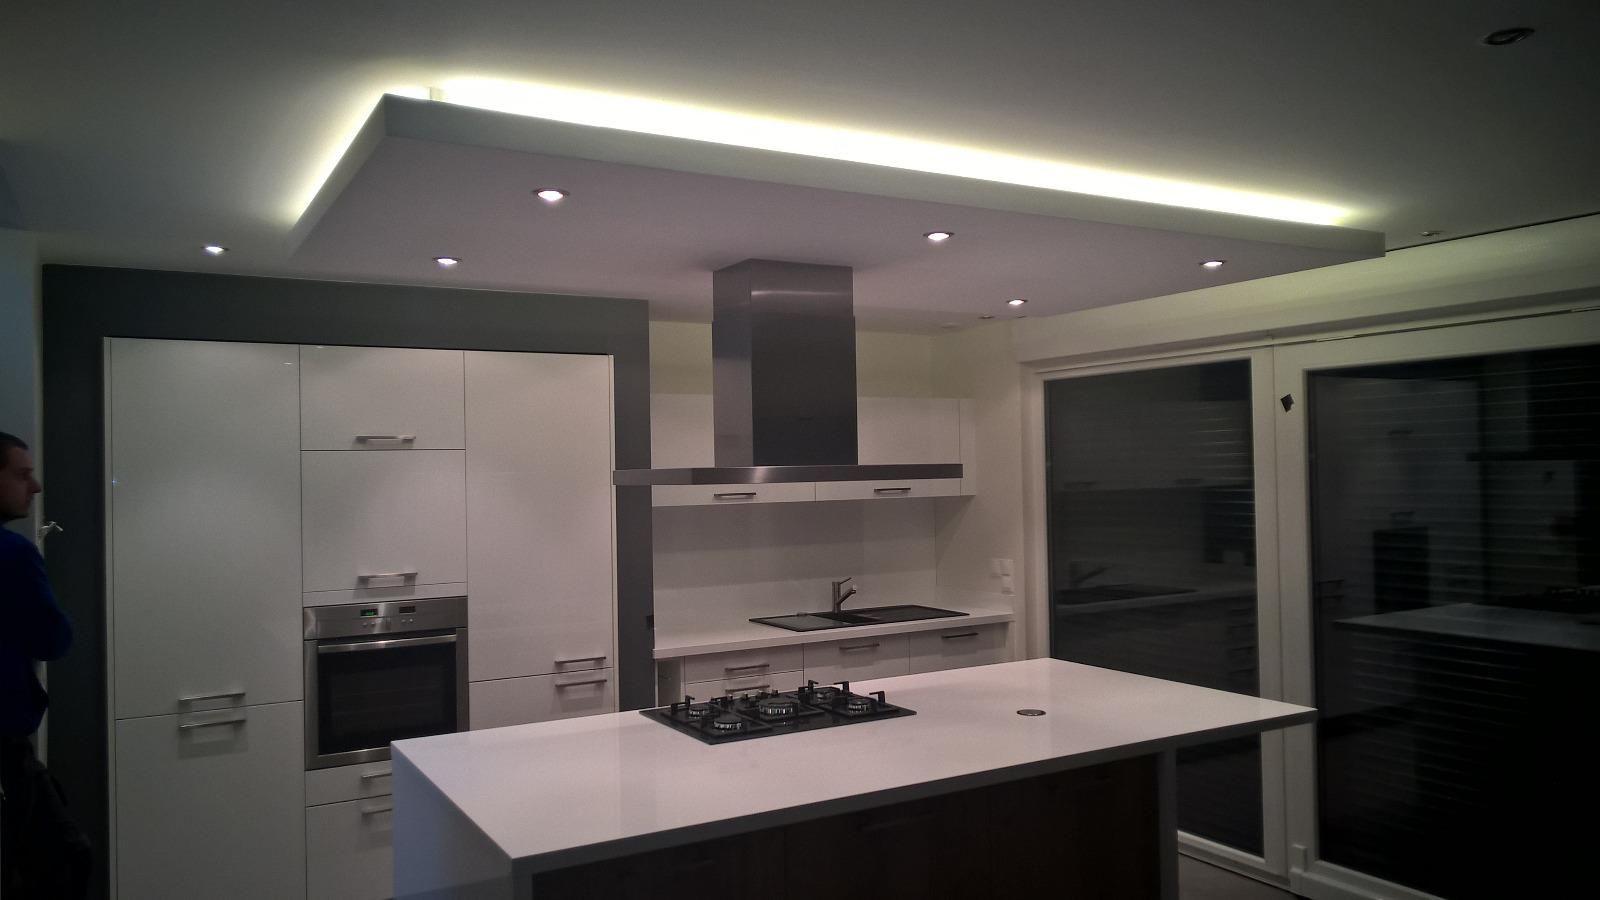 Faux Plafond Cuisine Spot Led Épinglé sur et la lumière fut !